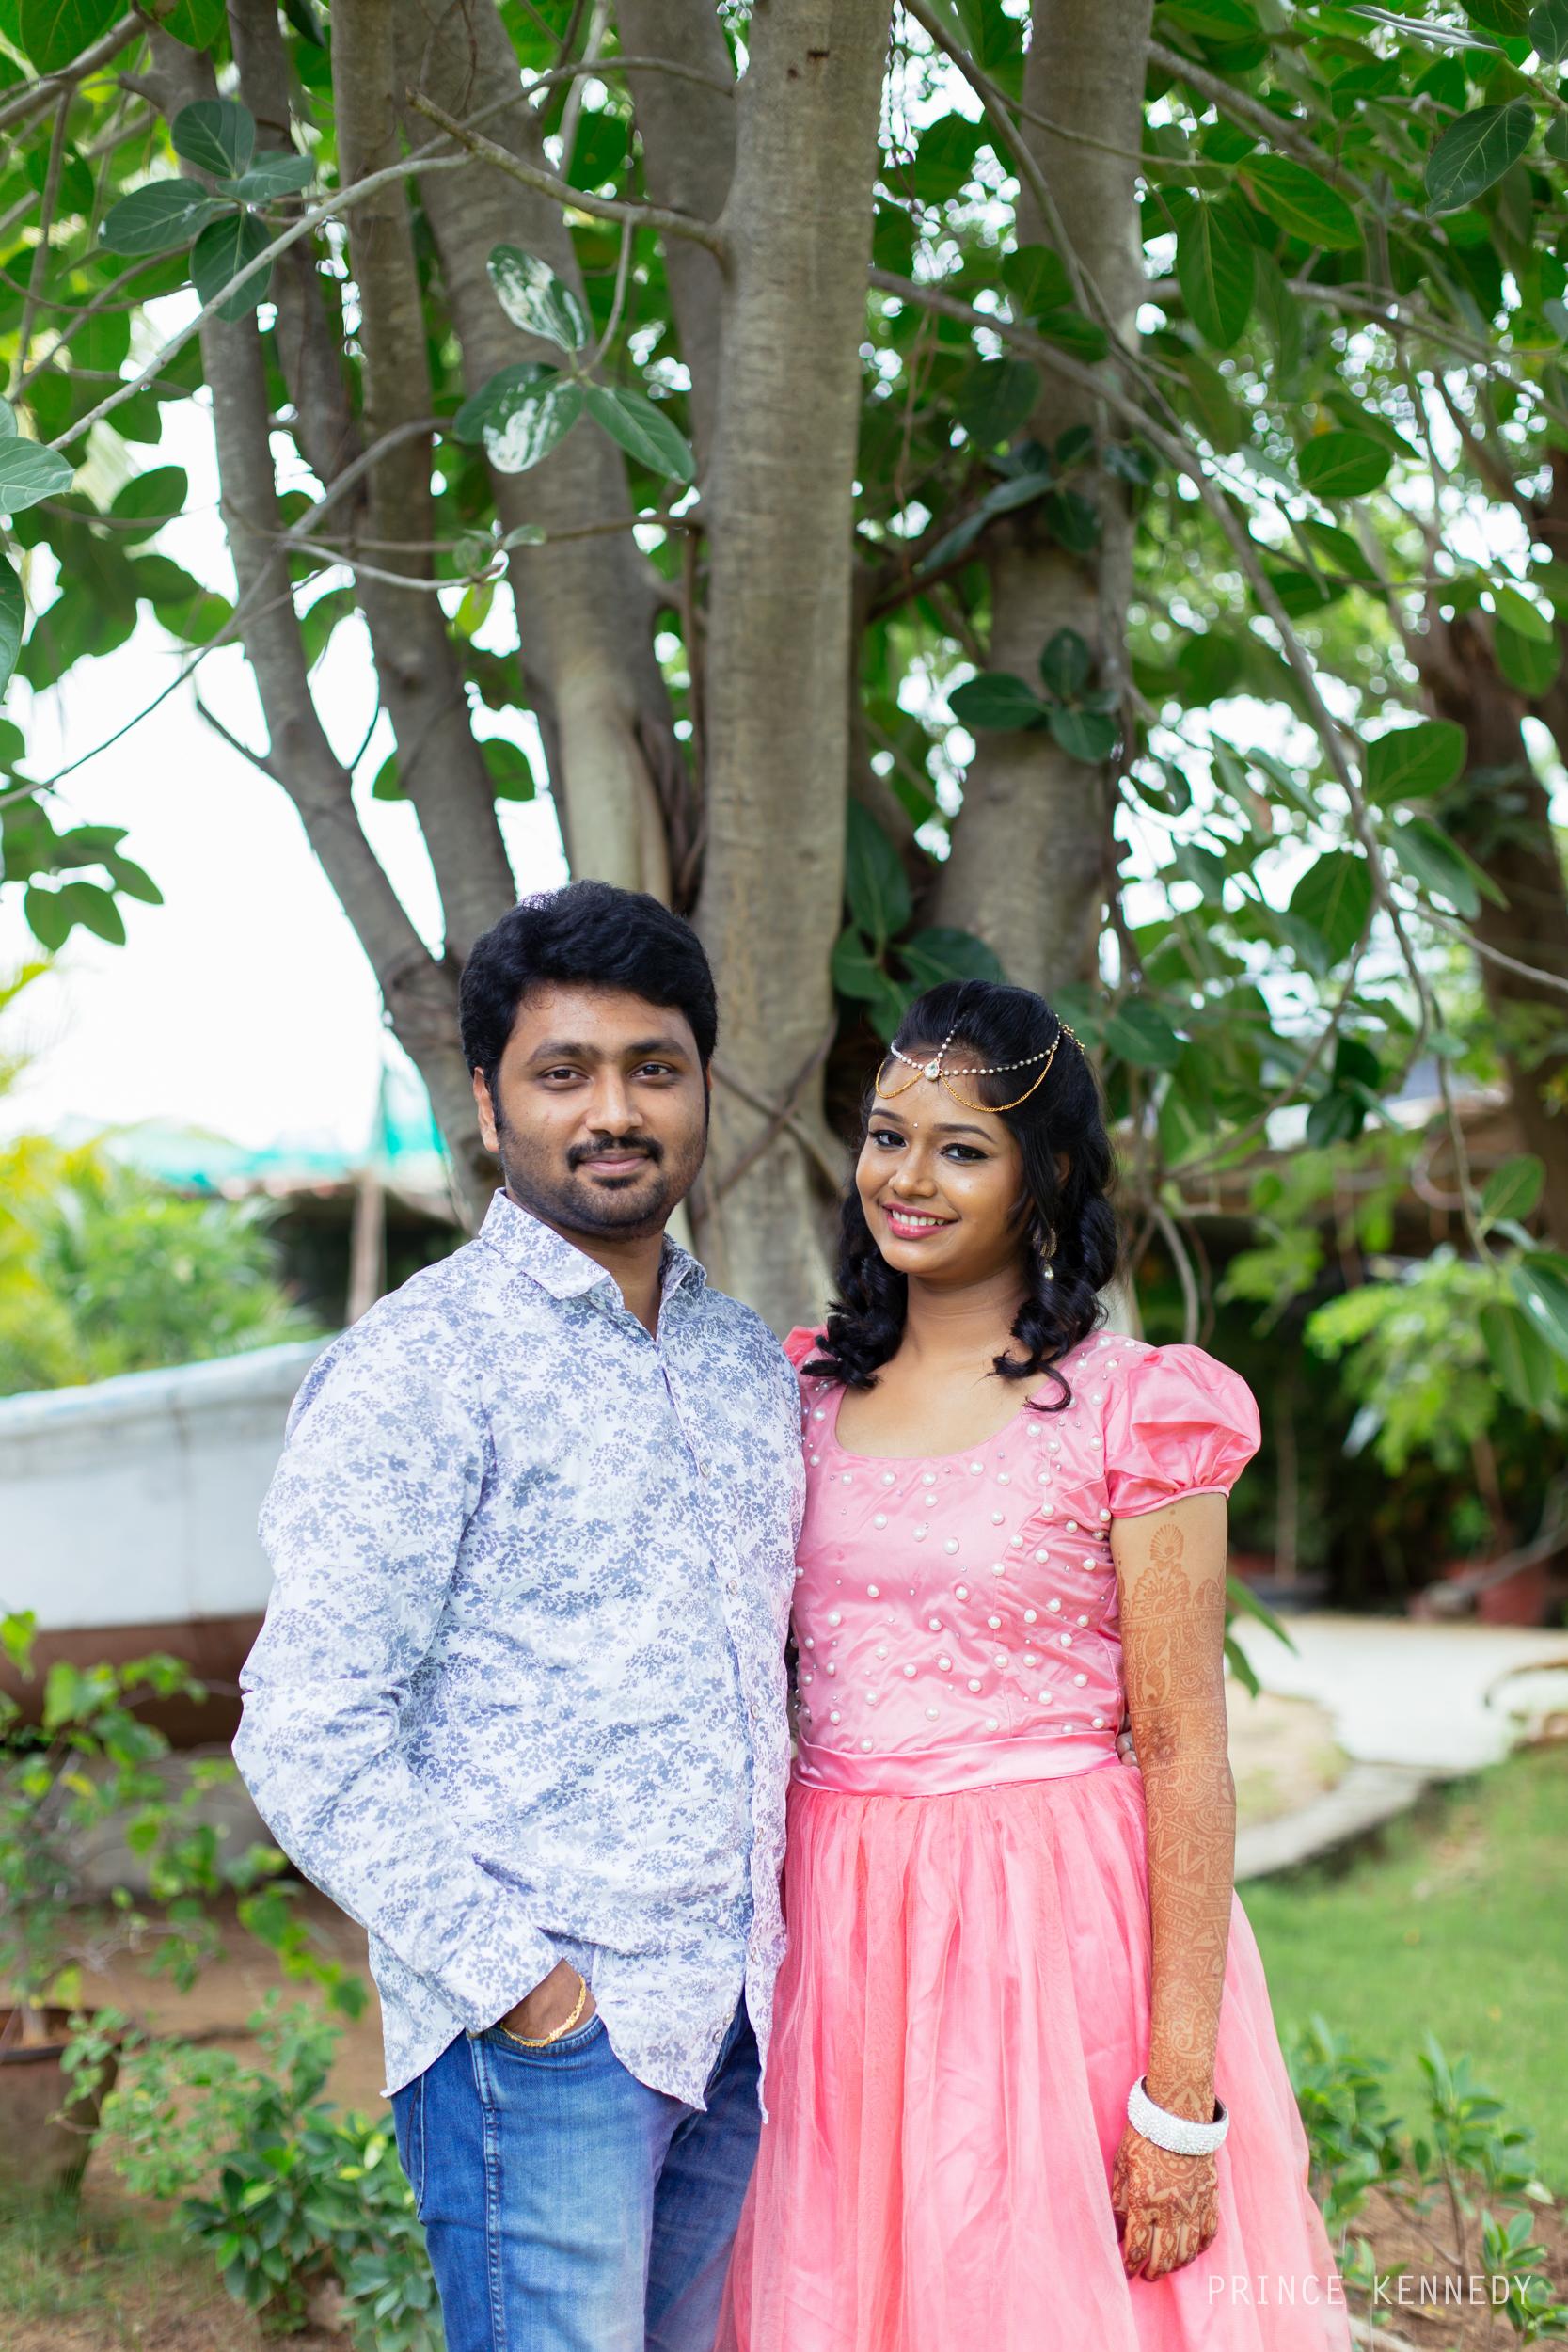 Engagement-Couple-Portrait-Portraiture-Wedding-Couple-Portrait-Chennai-Photographer-Candid-Photography-Destination-Best-Prince-Kennedy-Photography-46.jpg